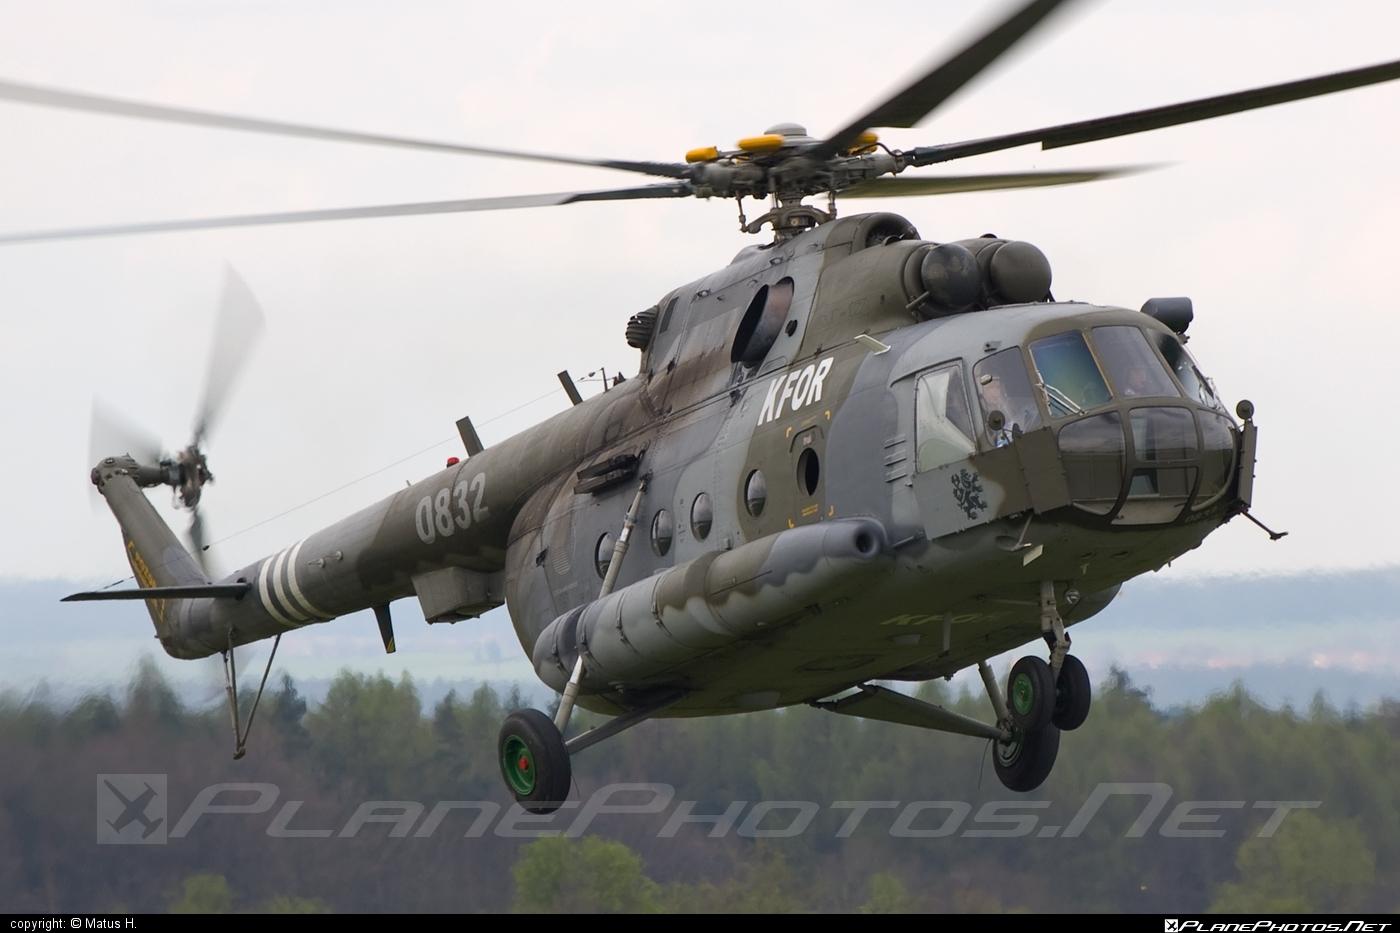 Mil Mi-17 - 0832 operated by Vzdušné síly AČR (Czech Air Force) #czechairforce #mi17 #mil #mil17 #milhelicopters #vzdusnesilyacr